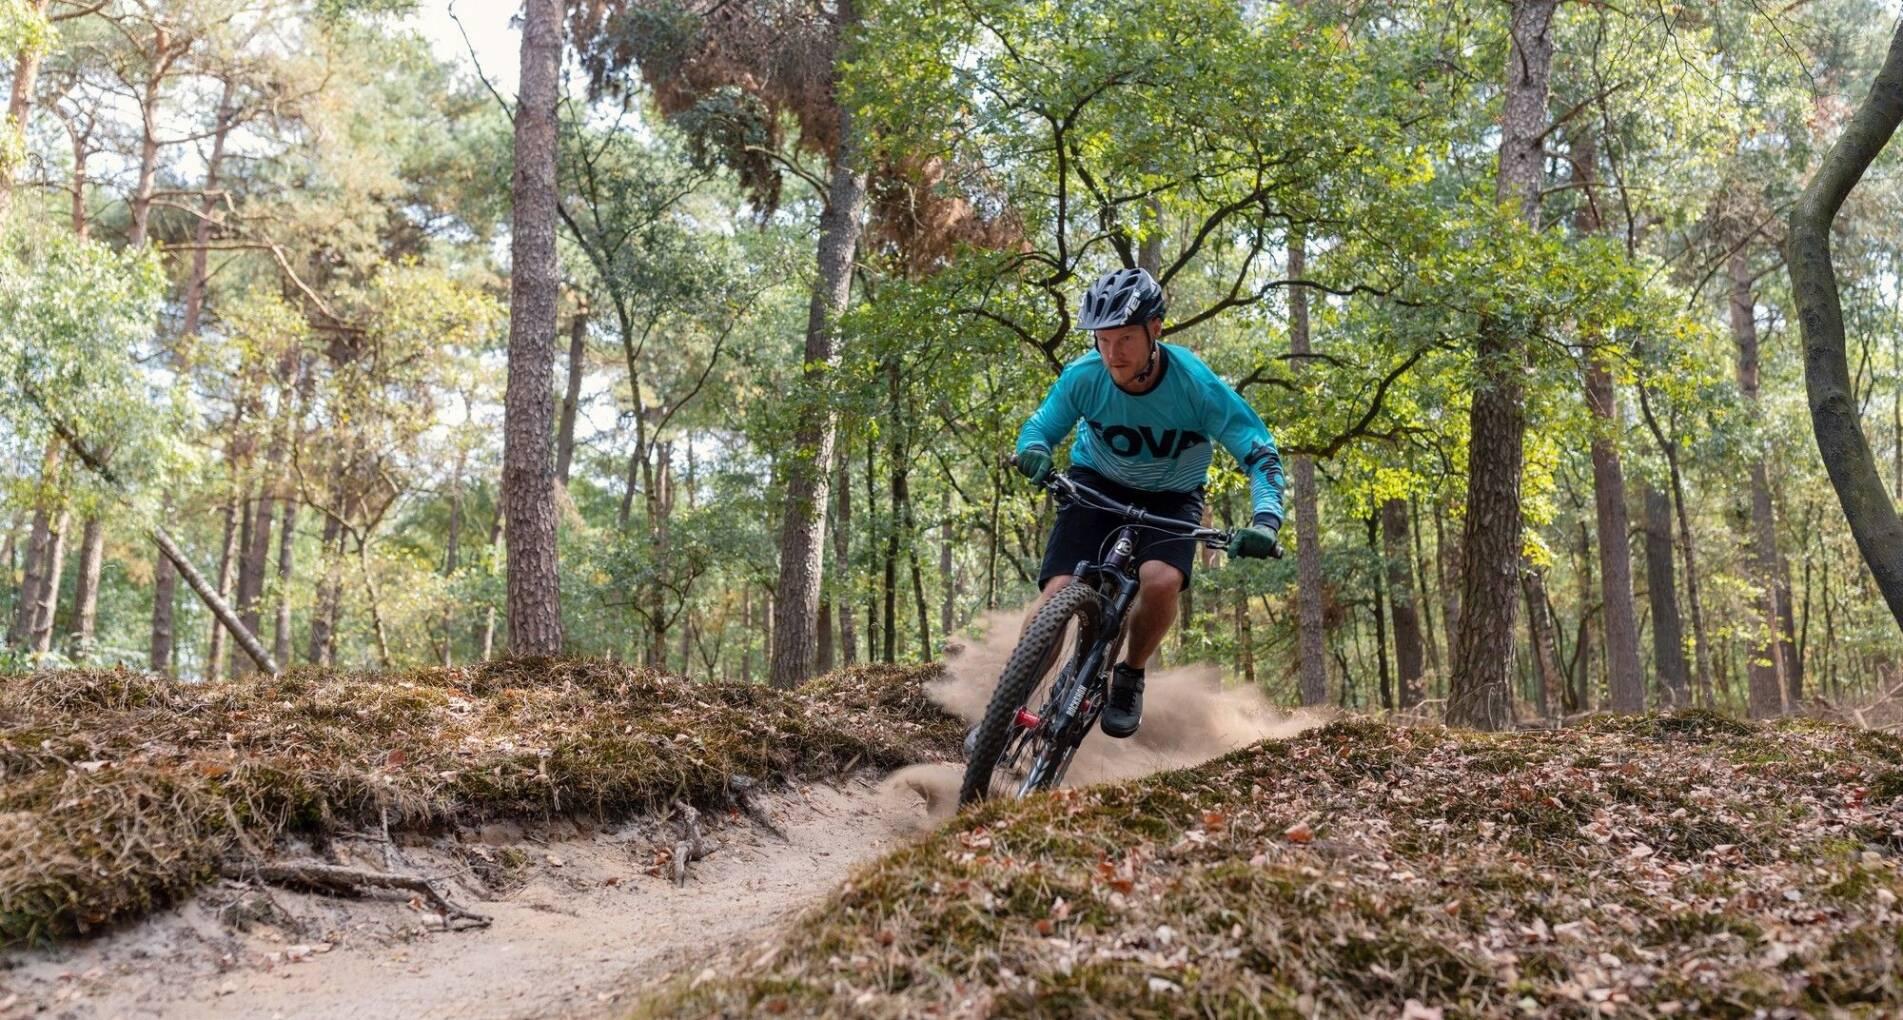 Mountainbike & Hike - Actief in Drenthe: bossen, heide en zandverstuivingen - Nederland - 1